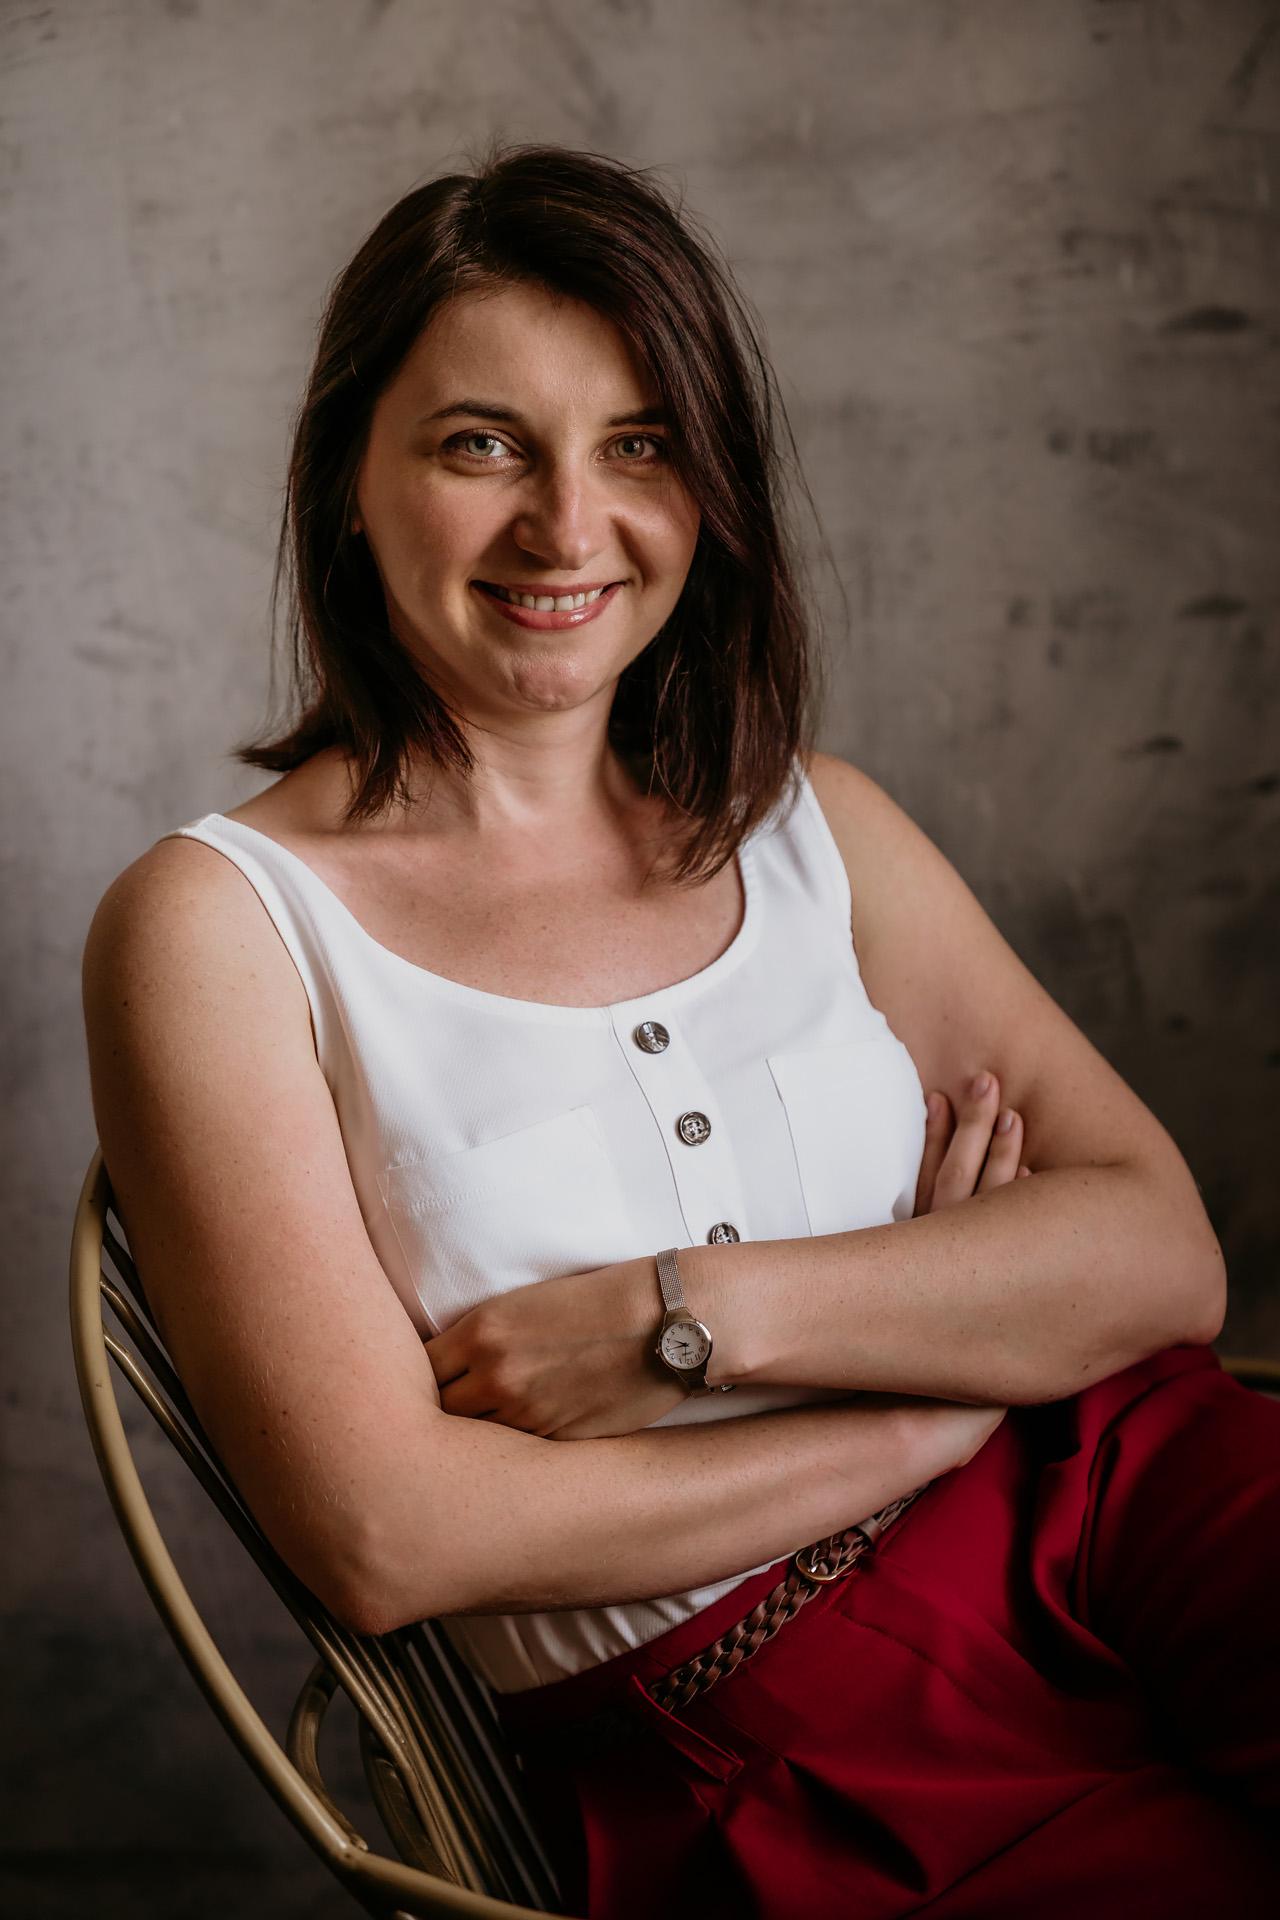 Edyta Michalczyk